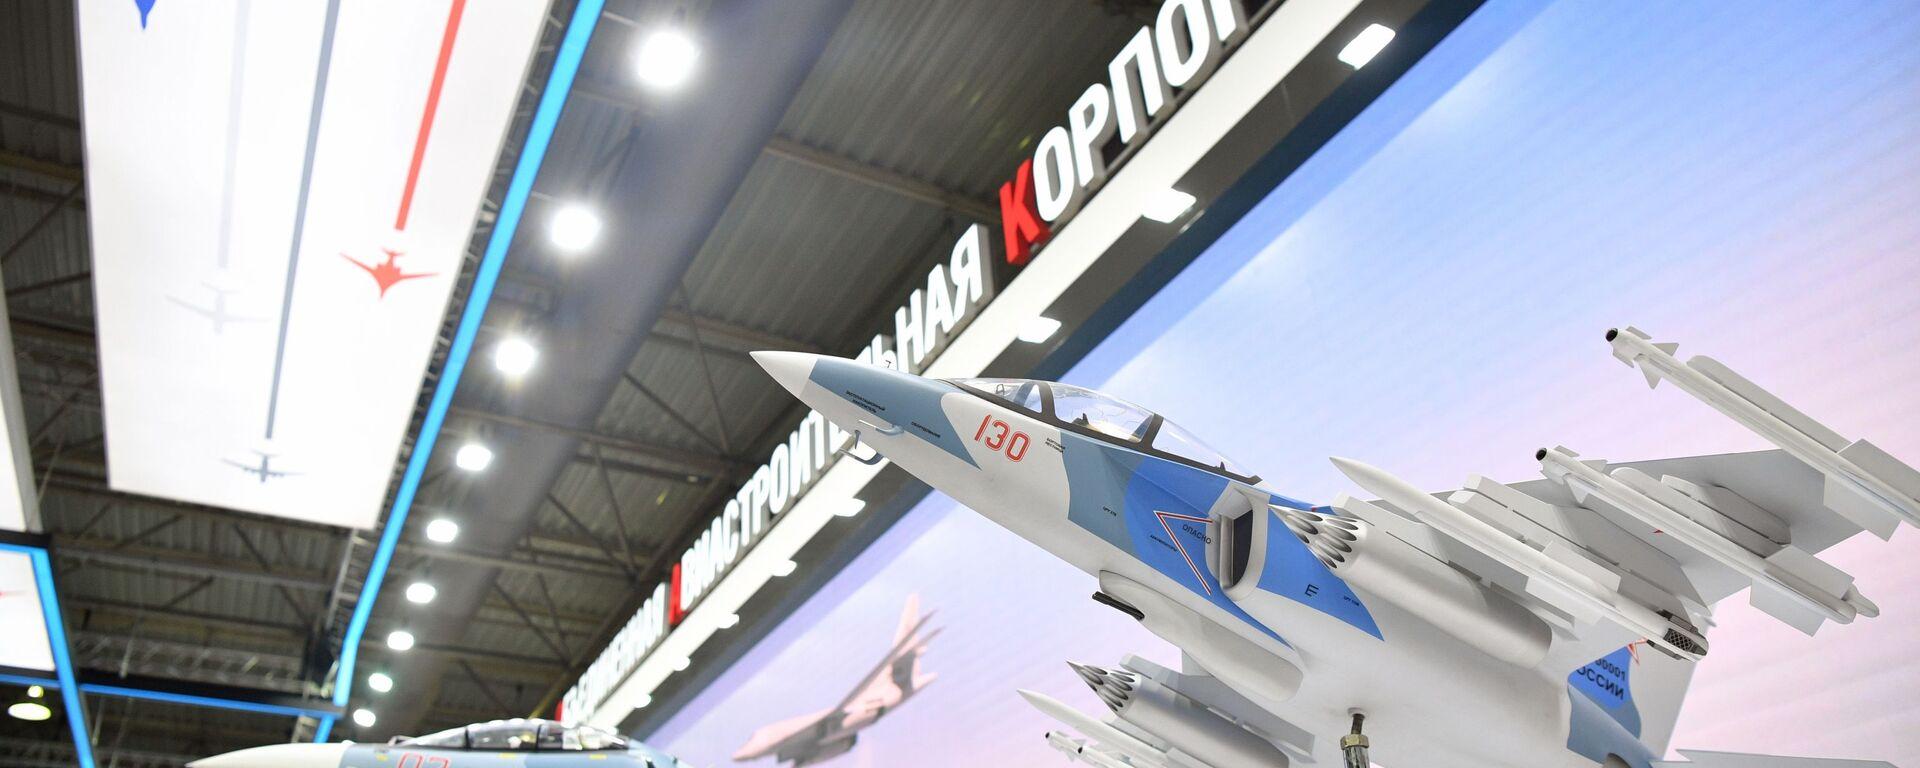 Стенд Объединенной авиастроительной корпорации на выставке Международного авиационно-космического салона МАКС-2021. - Sputnik Արմենիա, 1920, 20.07.2021